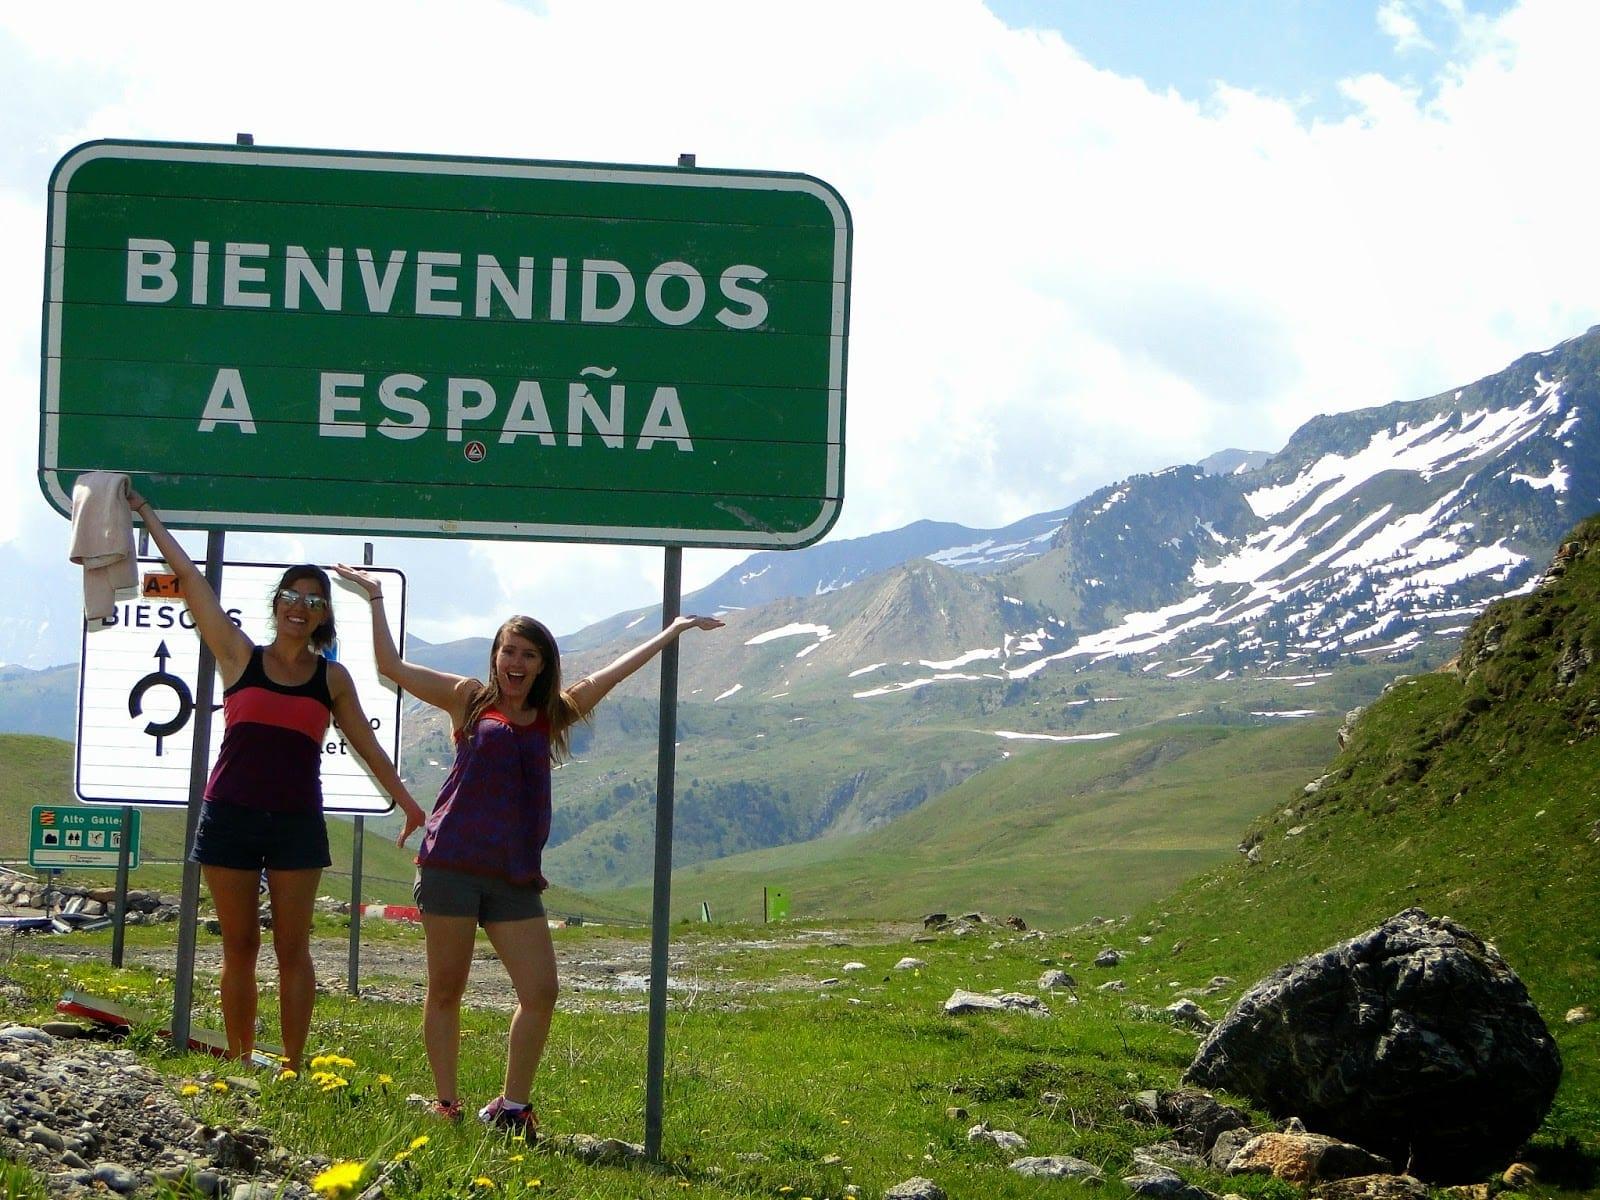 UK Después de volver a casa o a tu país España: welcome-to-spain y trabajar un choque cultural